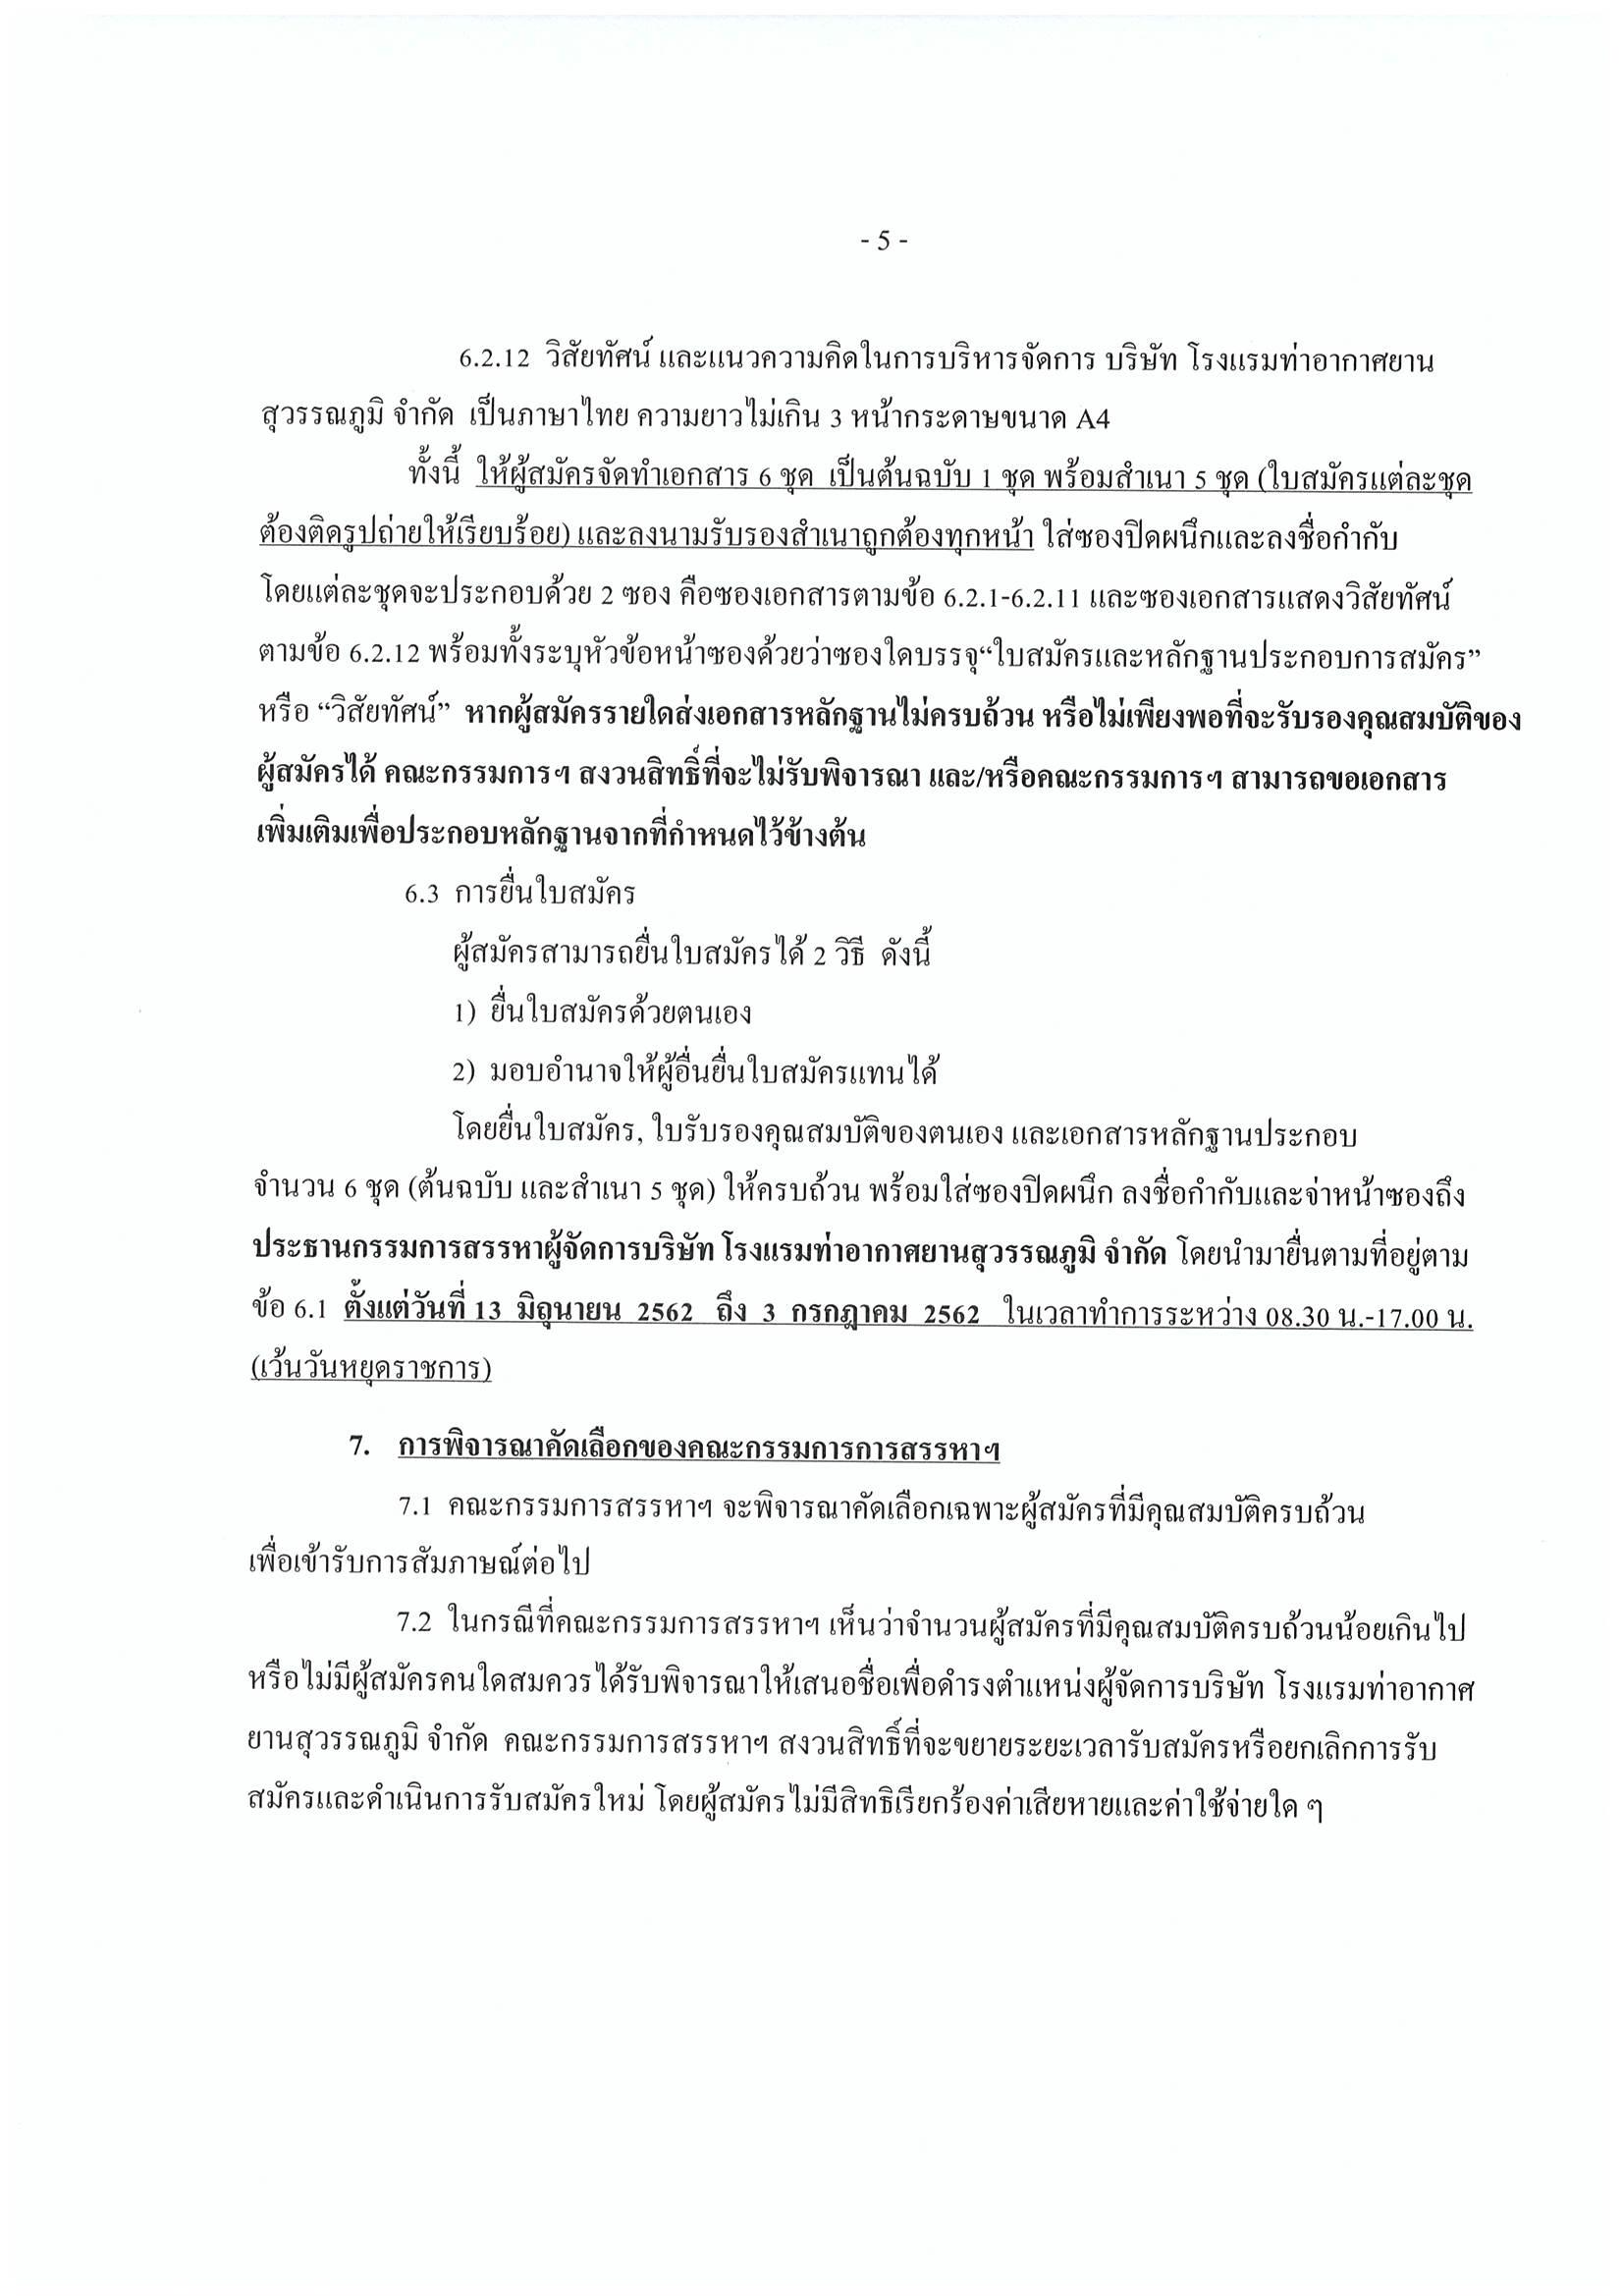 ประกาศรับสมัคร_Page_5